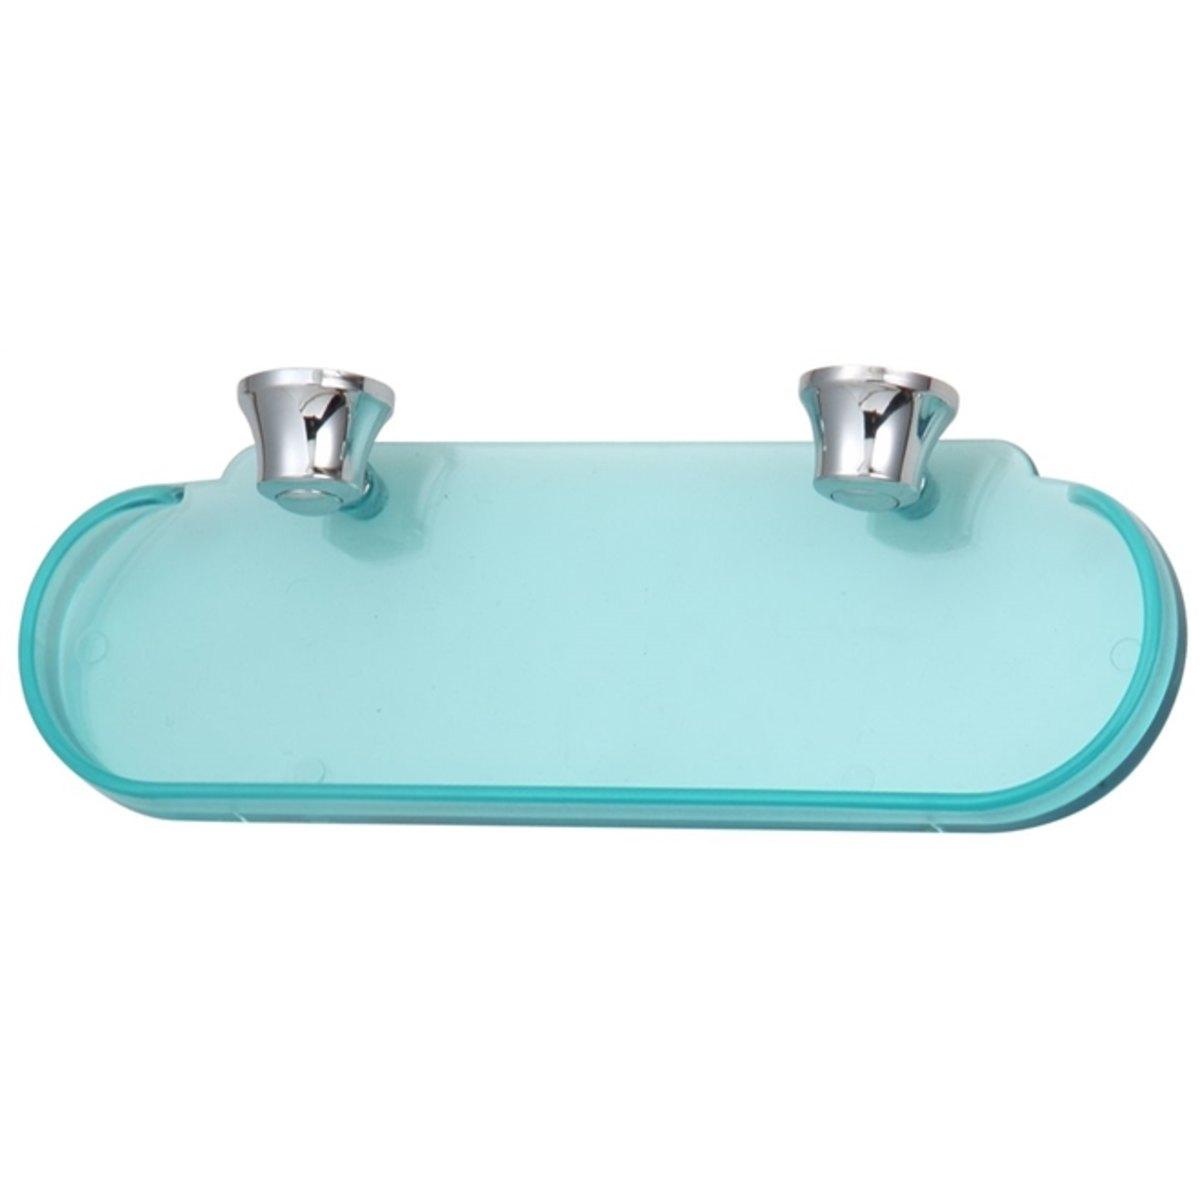 Porta Shampoo em Plástico Bello Bagno (Novosol)